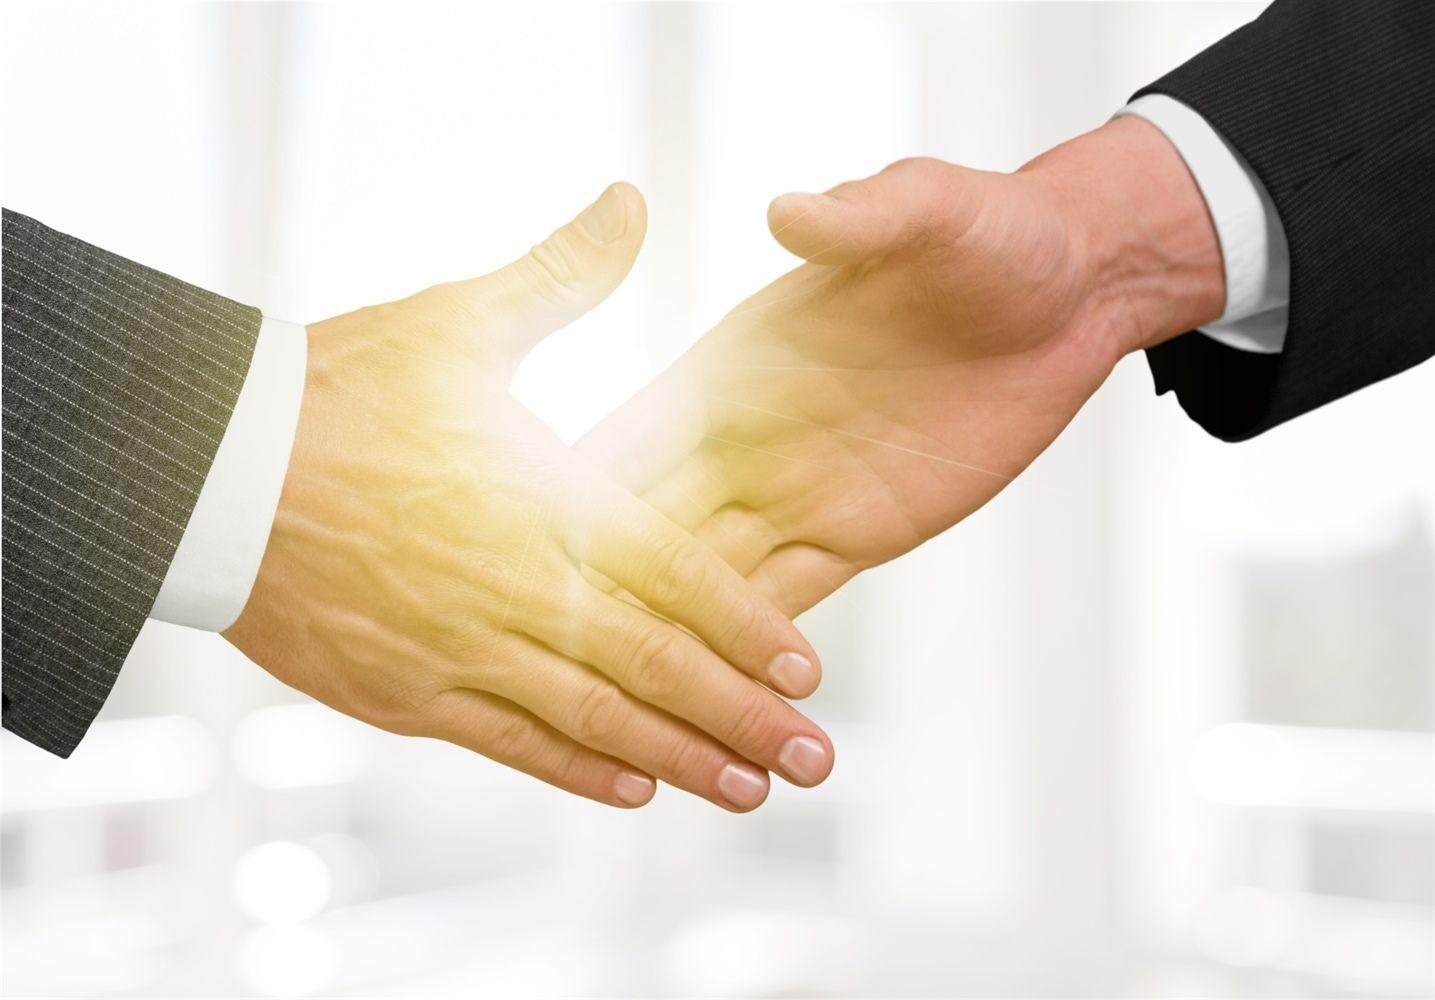 партнеры в бизнесе картинки основе этой доброй